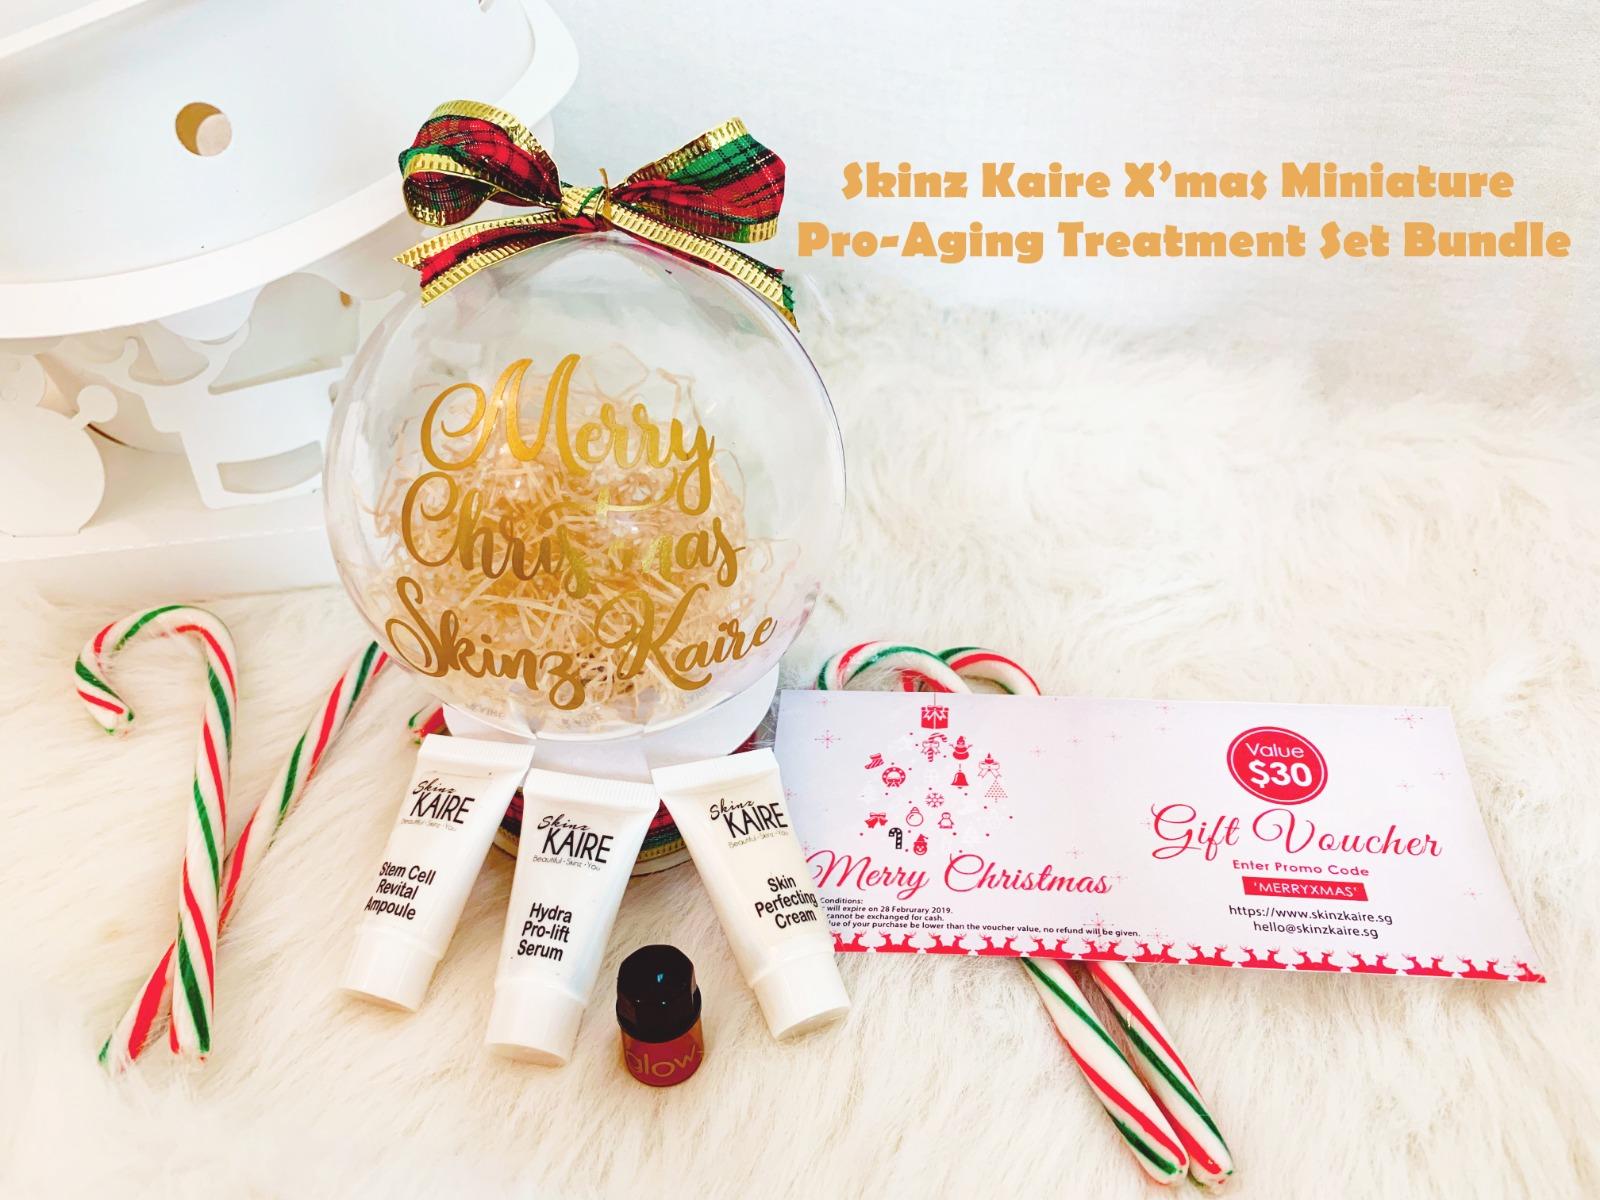 Skinz Kaire's Xmas Miniature Pro-Aging Treatment Set Bundle